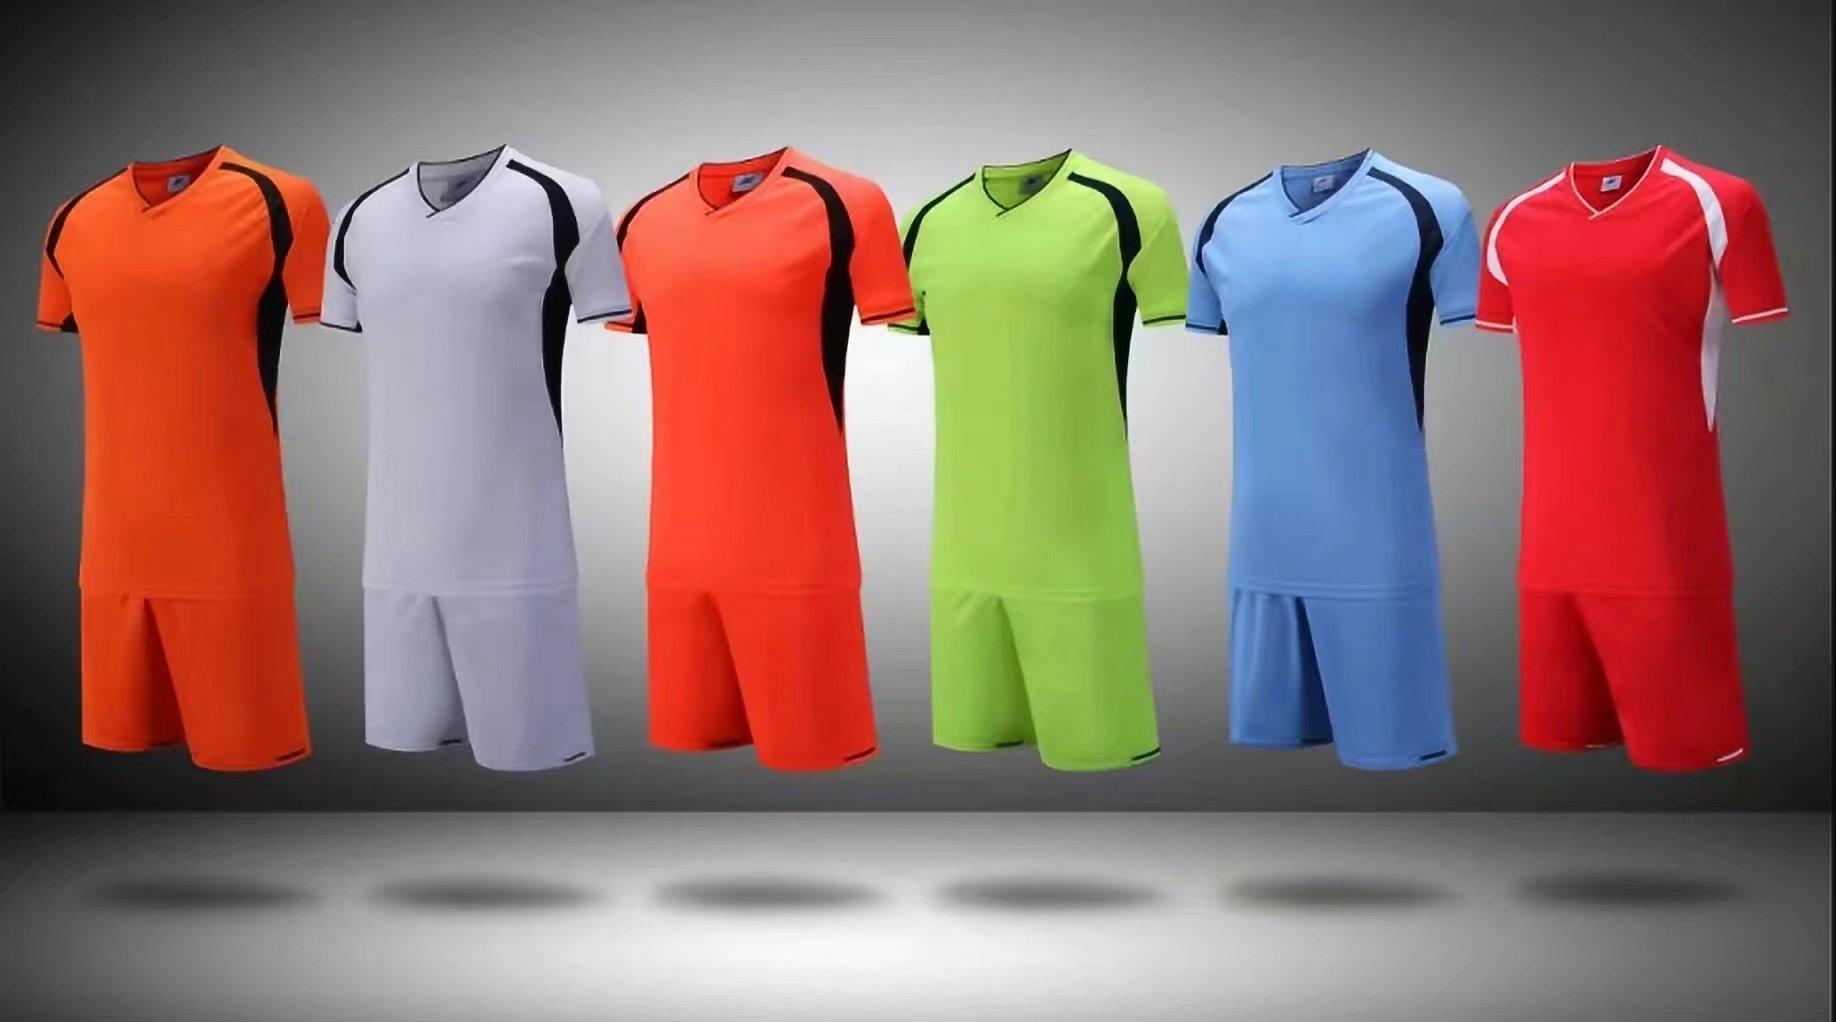 19 20 maillots de pé psg soccer jersey MBAPPE ICARDI 18 camisa de futebol CAVANI VERRATTI top tailândia 2019 2020 paris MBAPPE camisa de futebol DI MARIA Camiseta de futbol